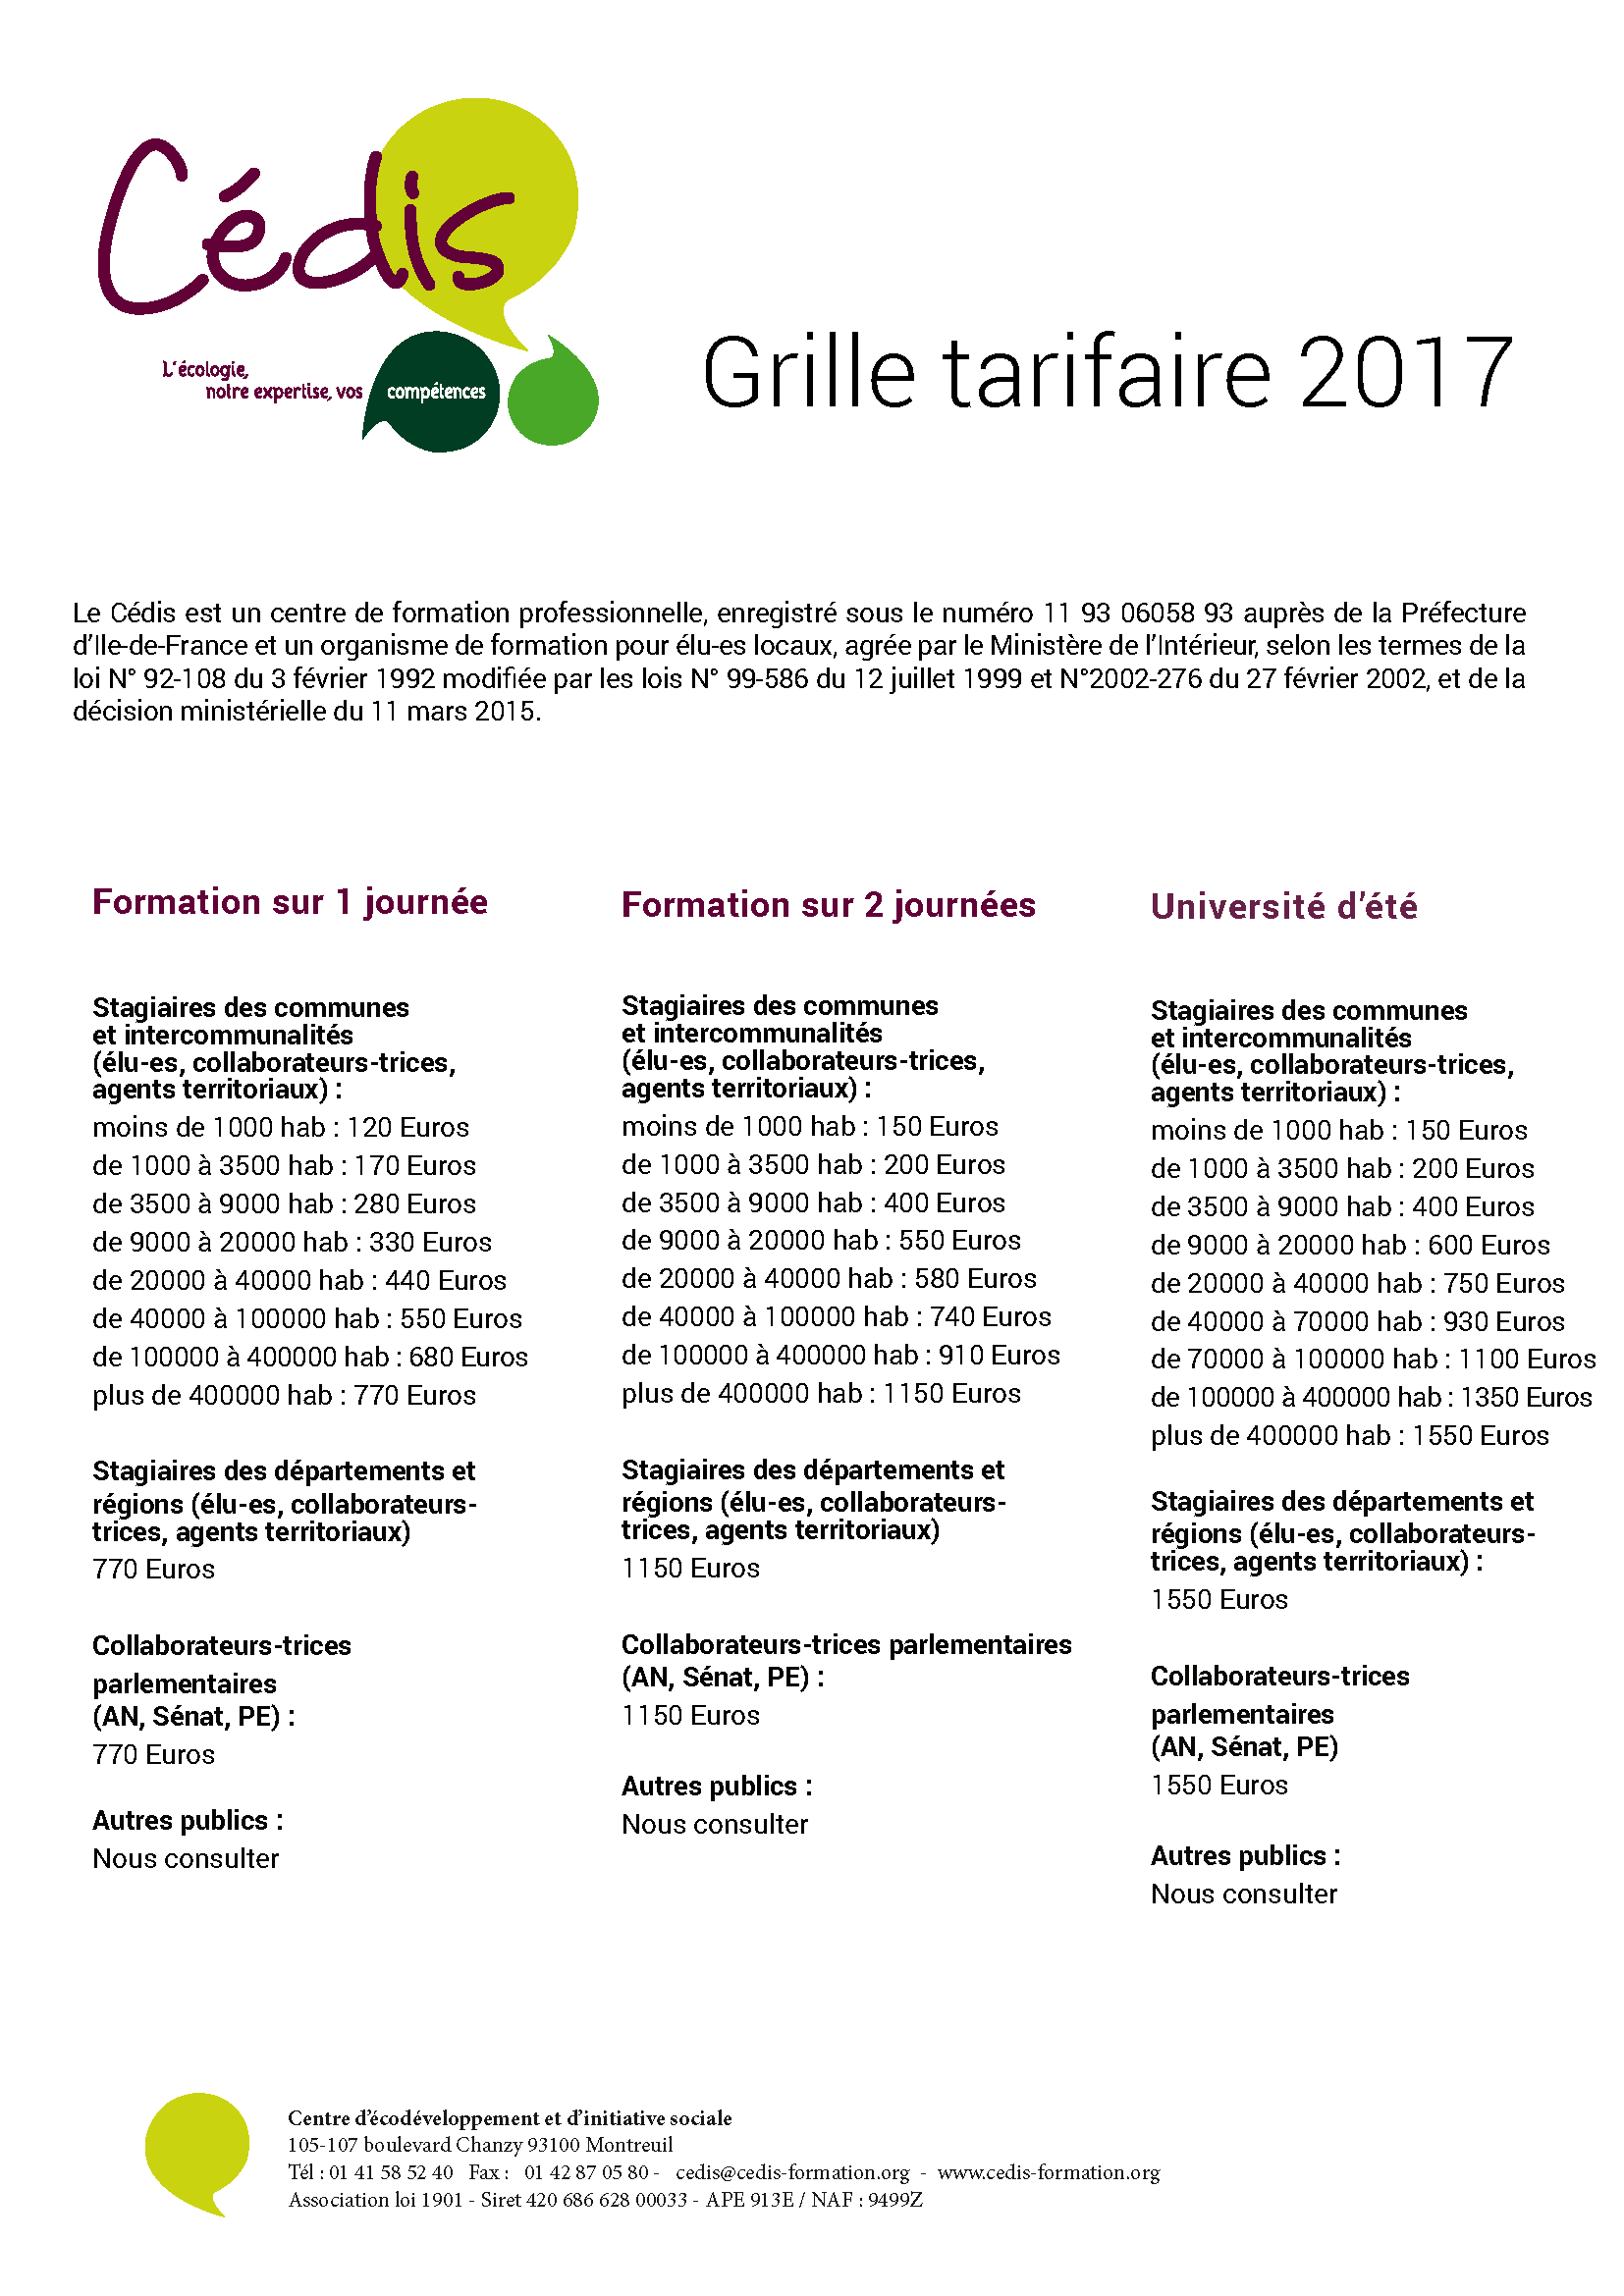 Grilletarifaire2017